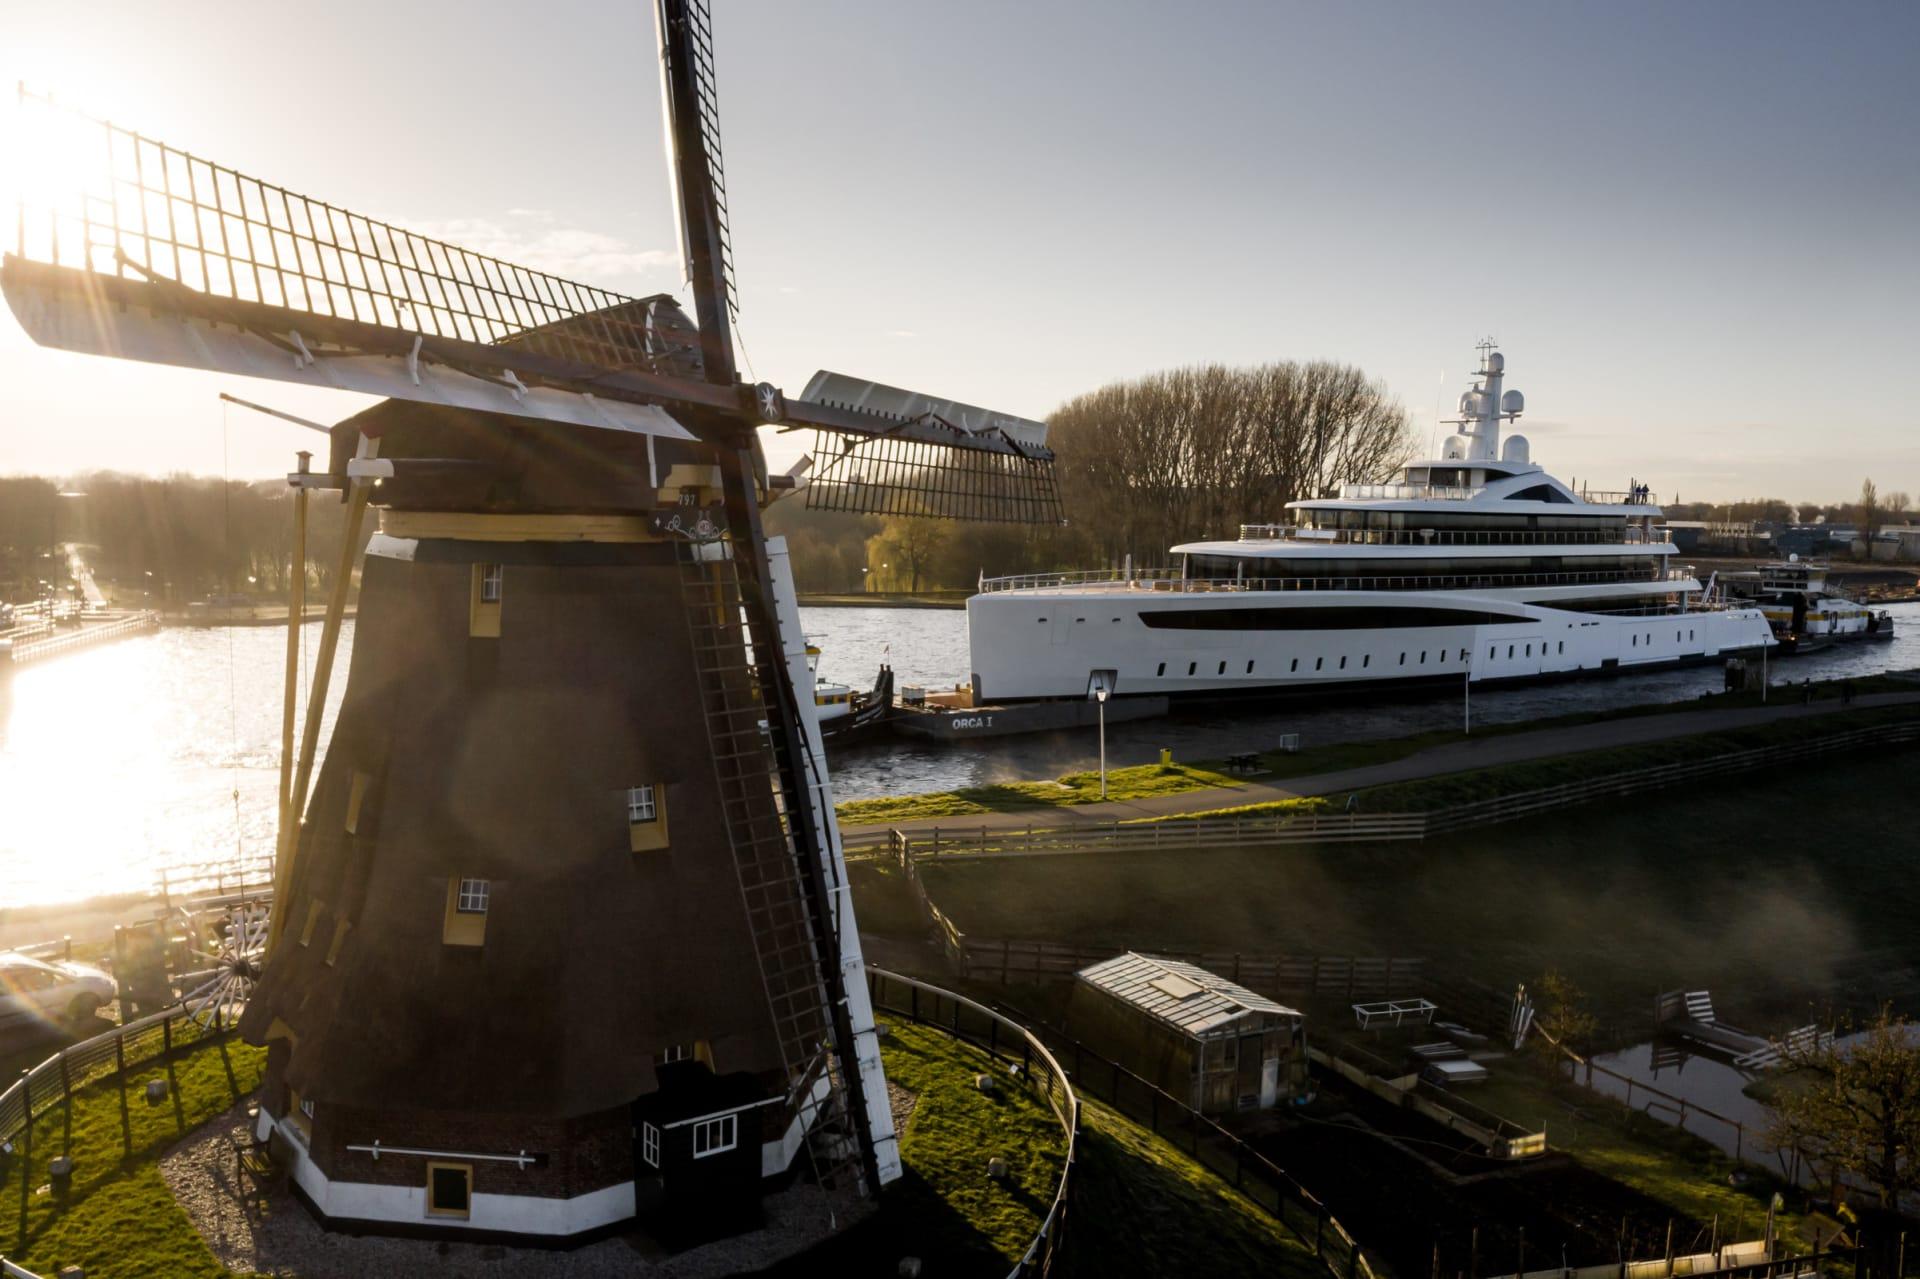 مشهد عبوره أدهش المتفرجين.. مصور يوثق يختاً ضخماً يناور قنوات هولندا الضيقة